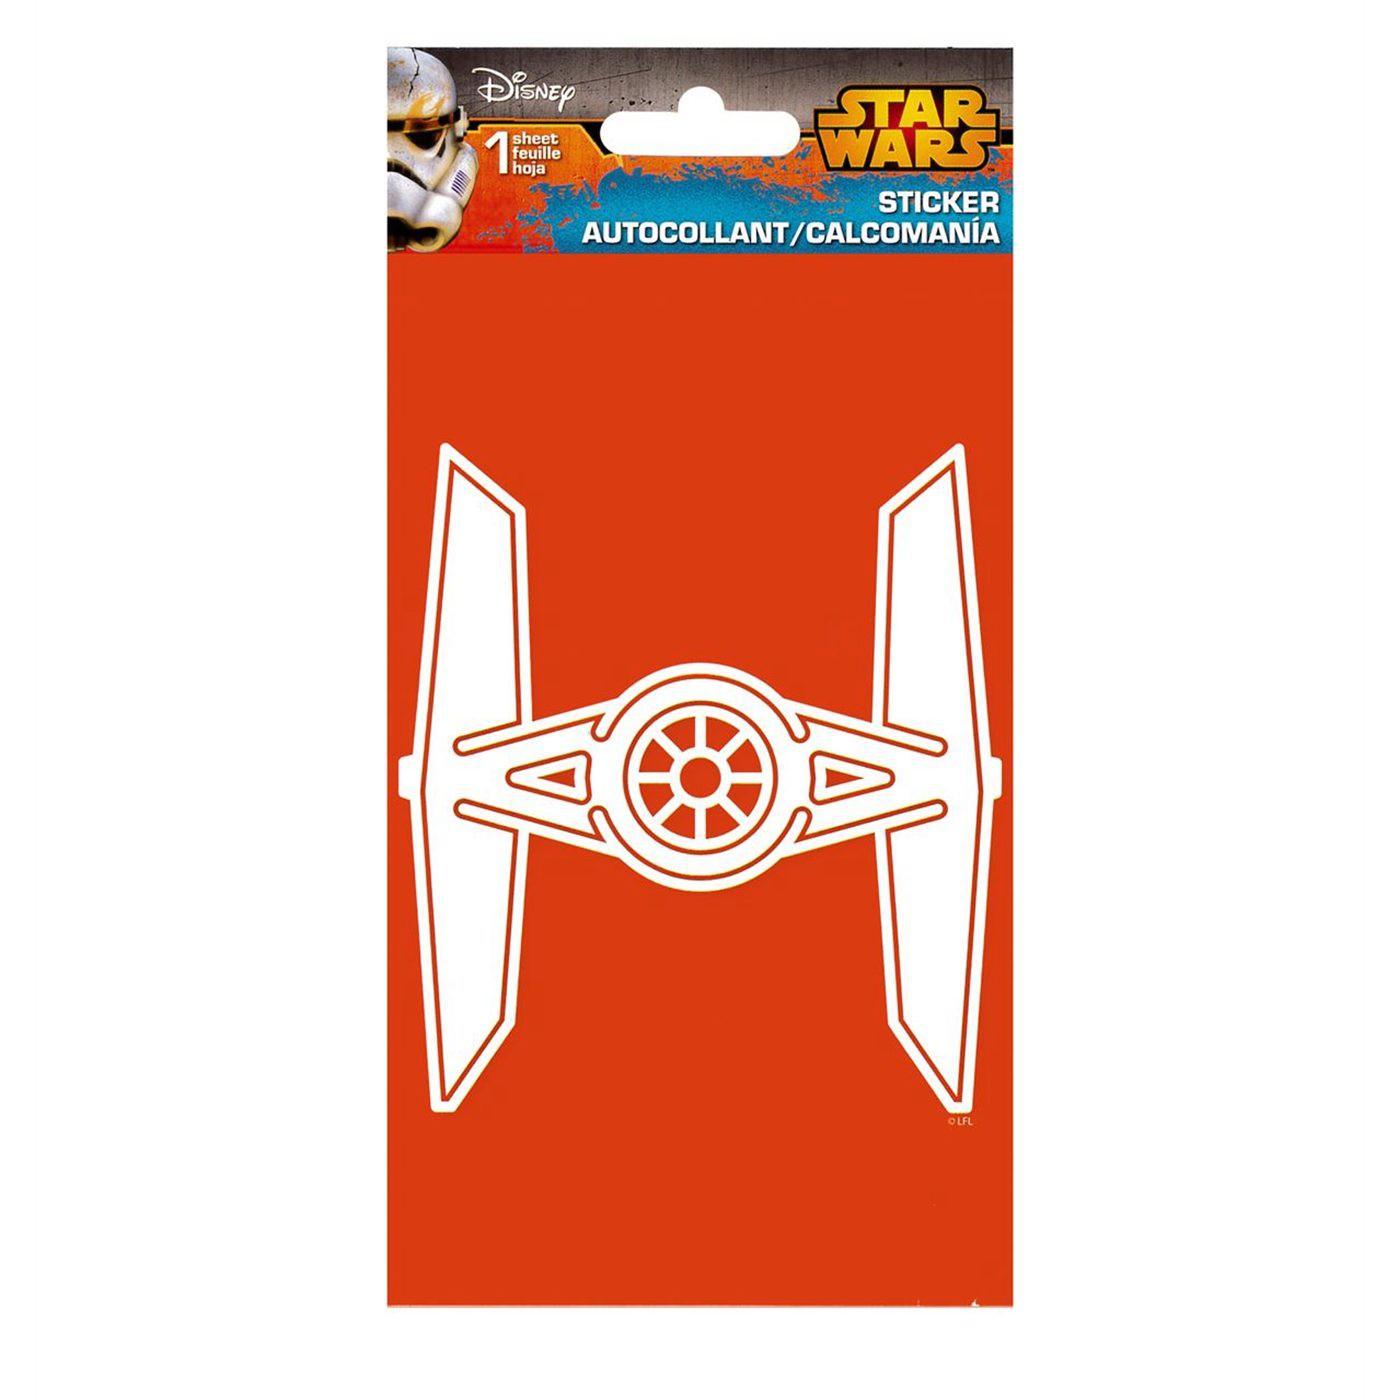 Star Wars TIE Fighter Sticker